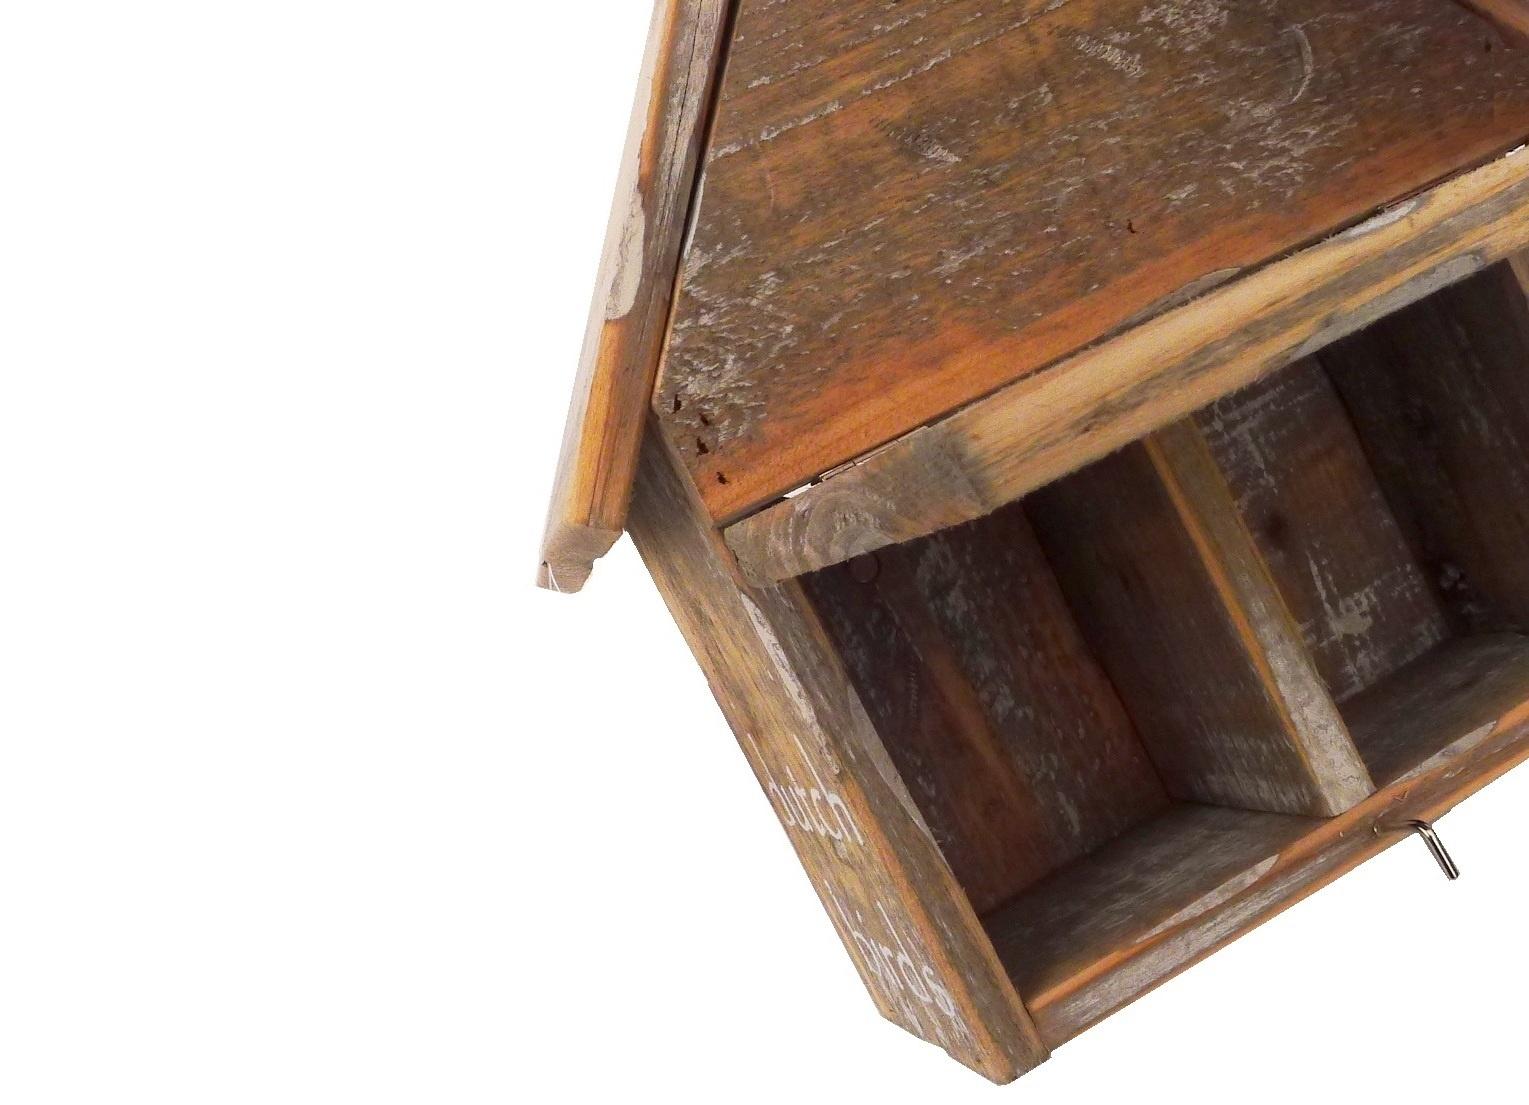 birdhouse old dutch 2 under 1 roof-2